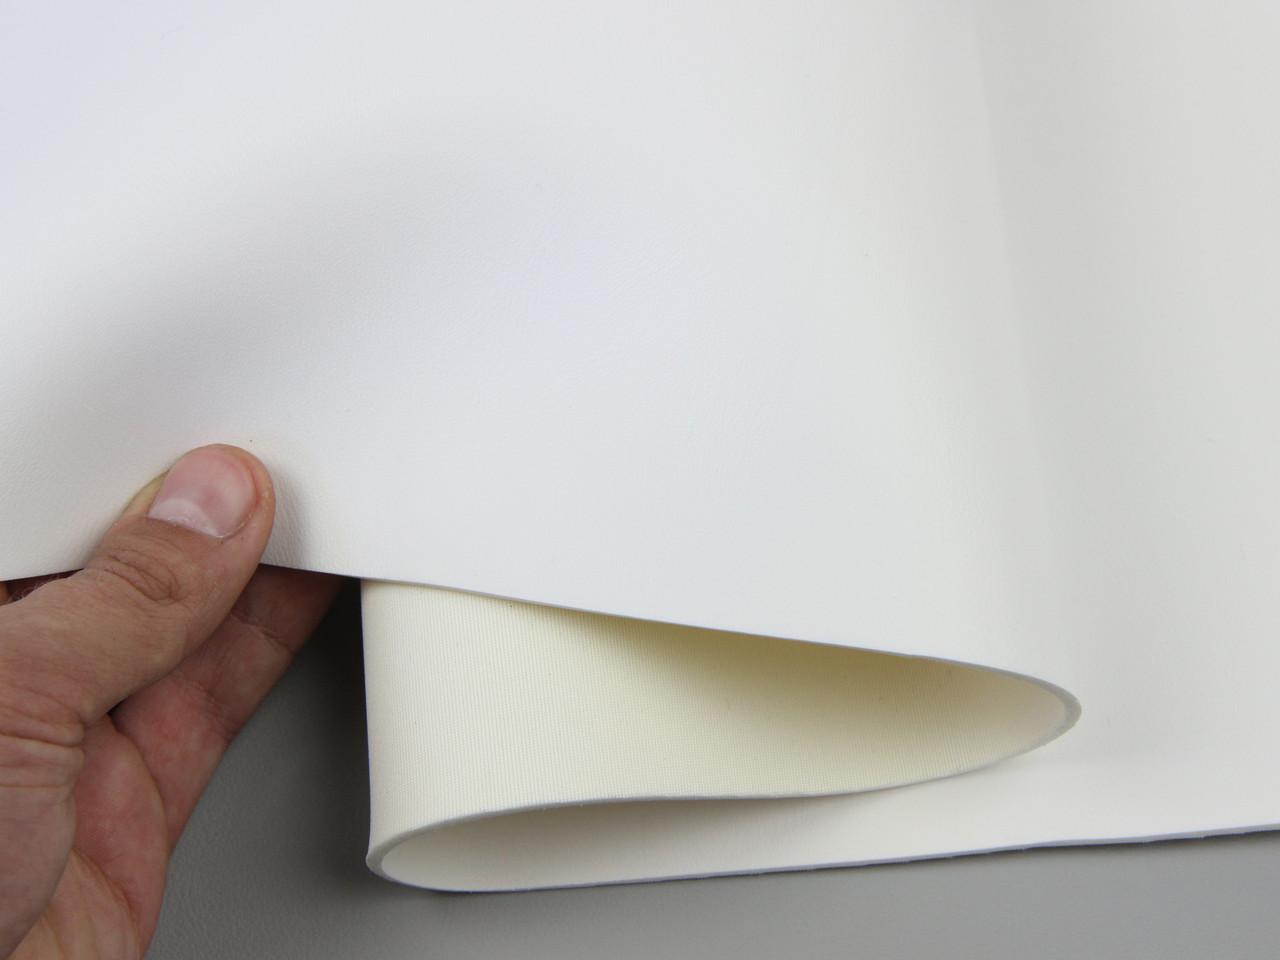 Термовинил білий White (гладкий) для перетяжки керма, дверних карт, стійок на каучуковій основі (tk-11 White)